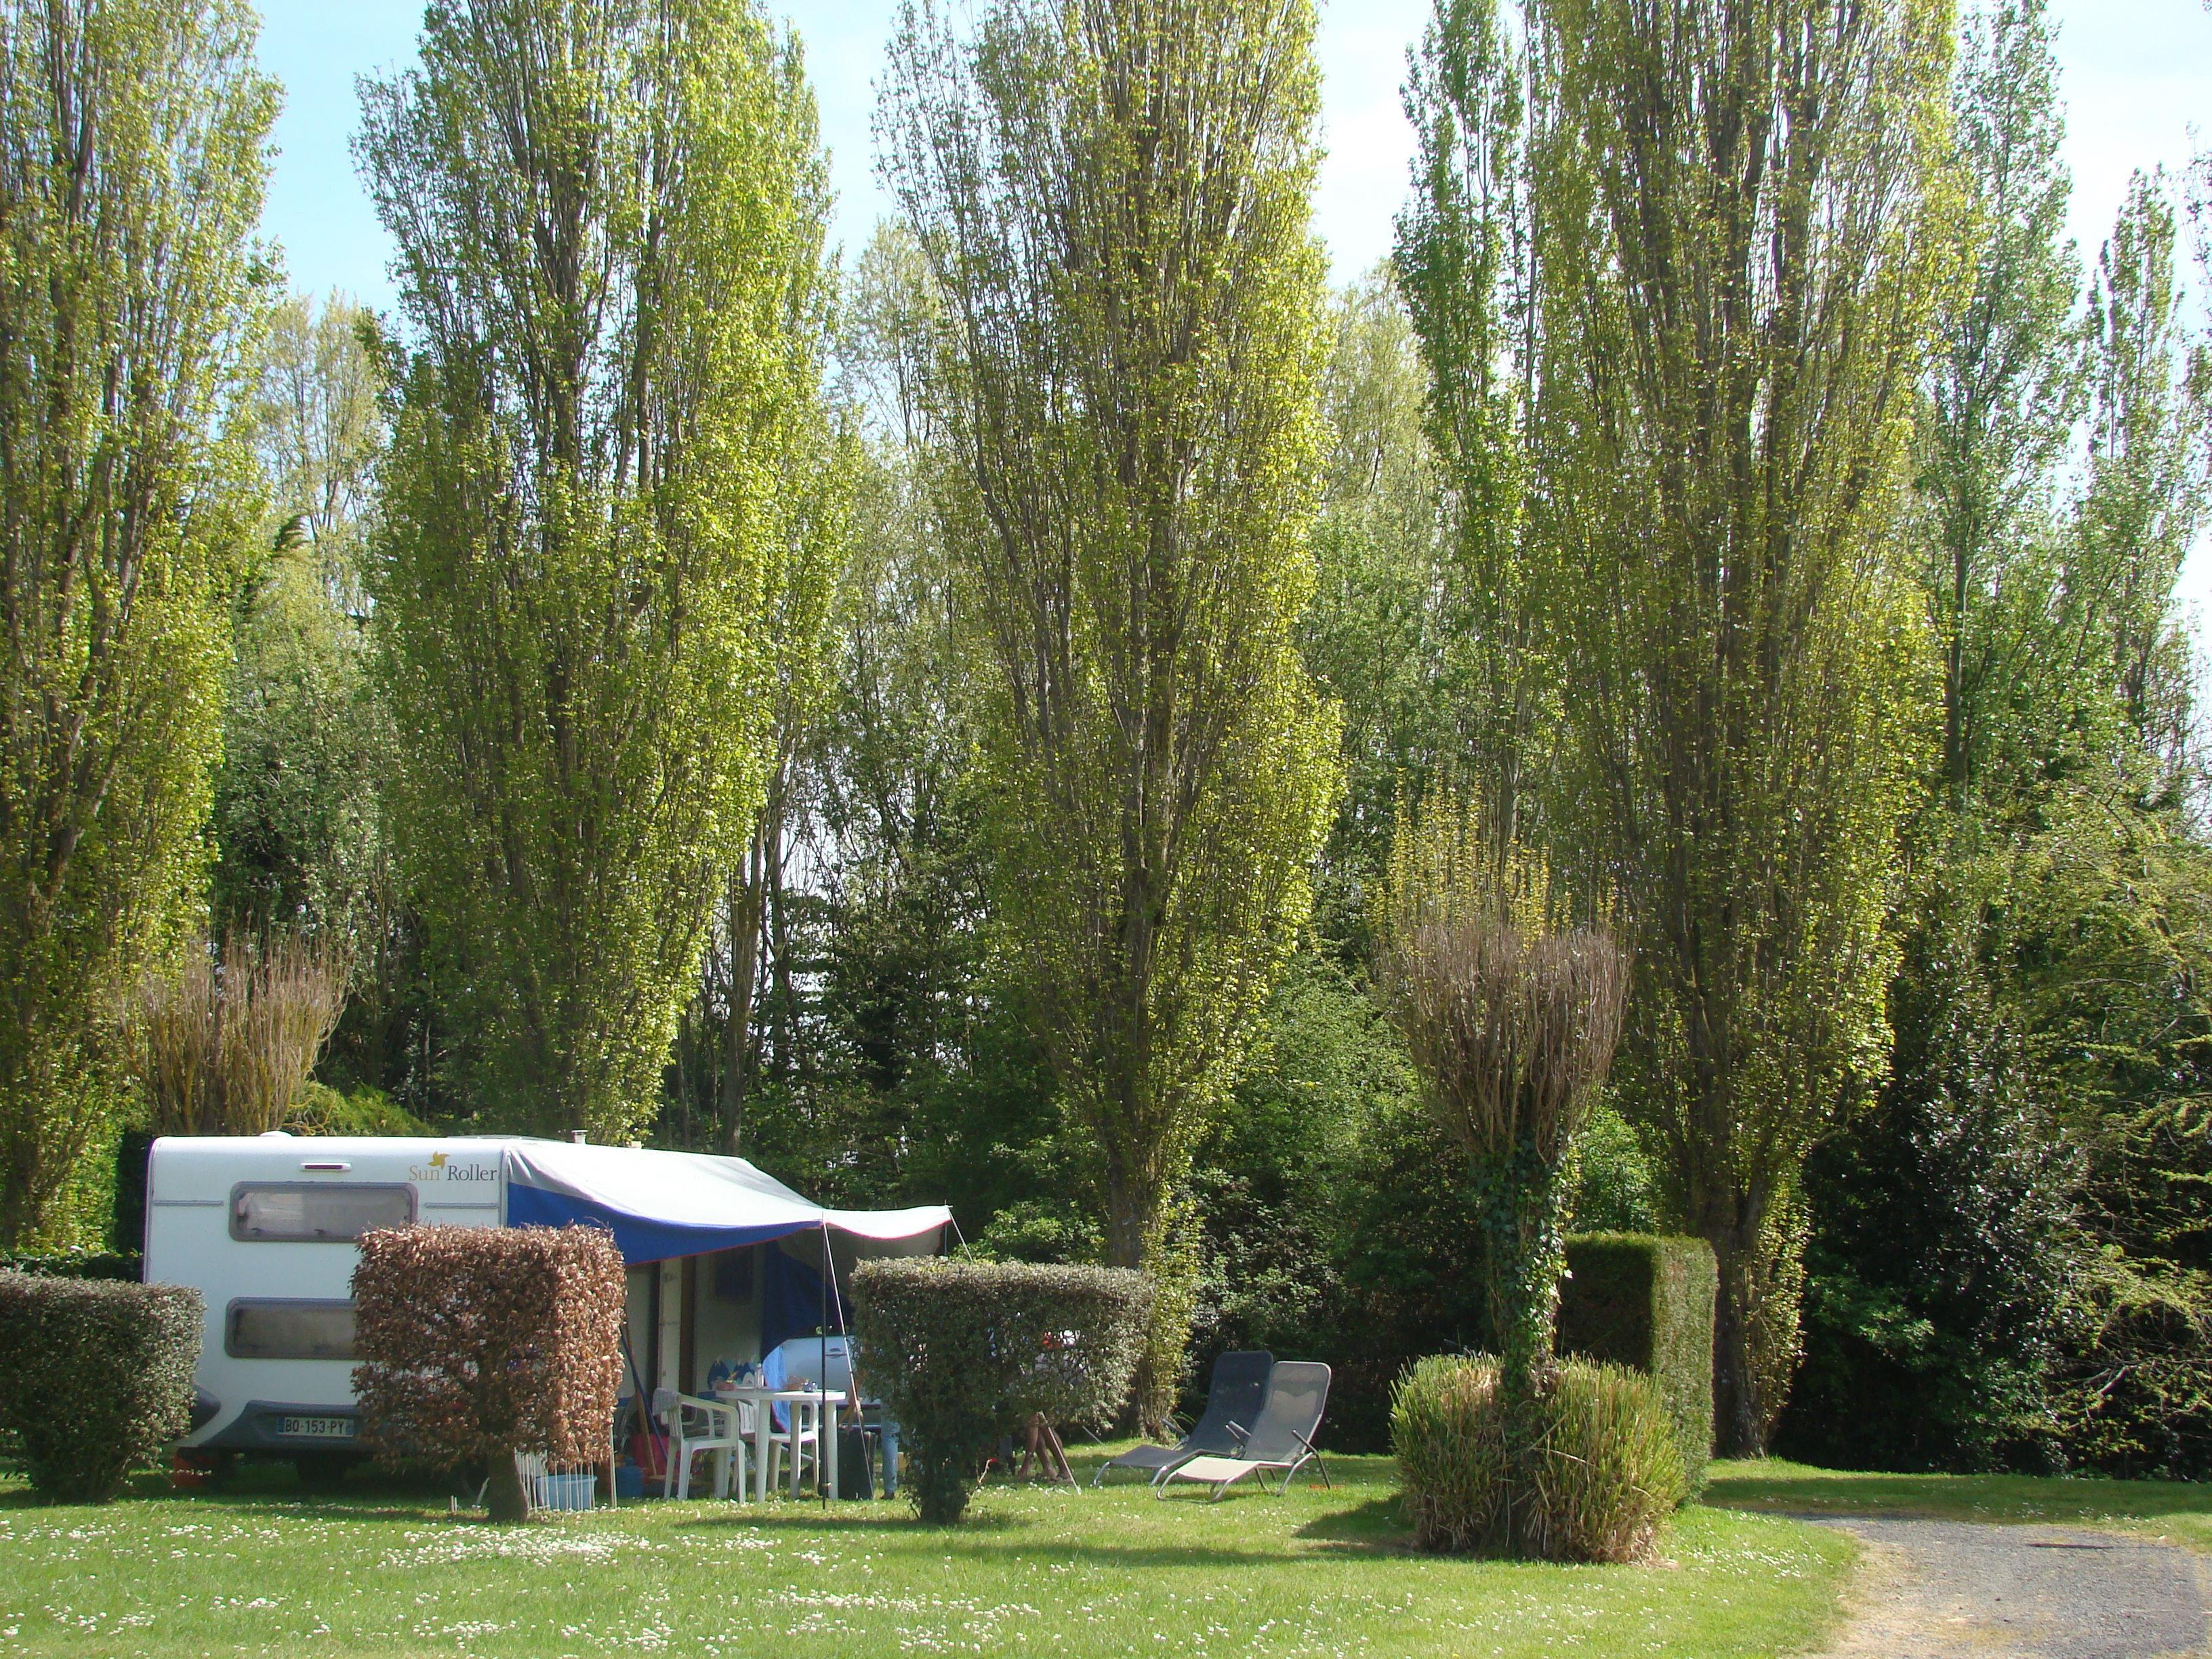 Camping Seasonova Riva Bella, Ouistreham, Calvados